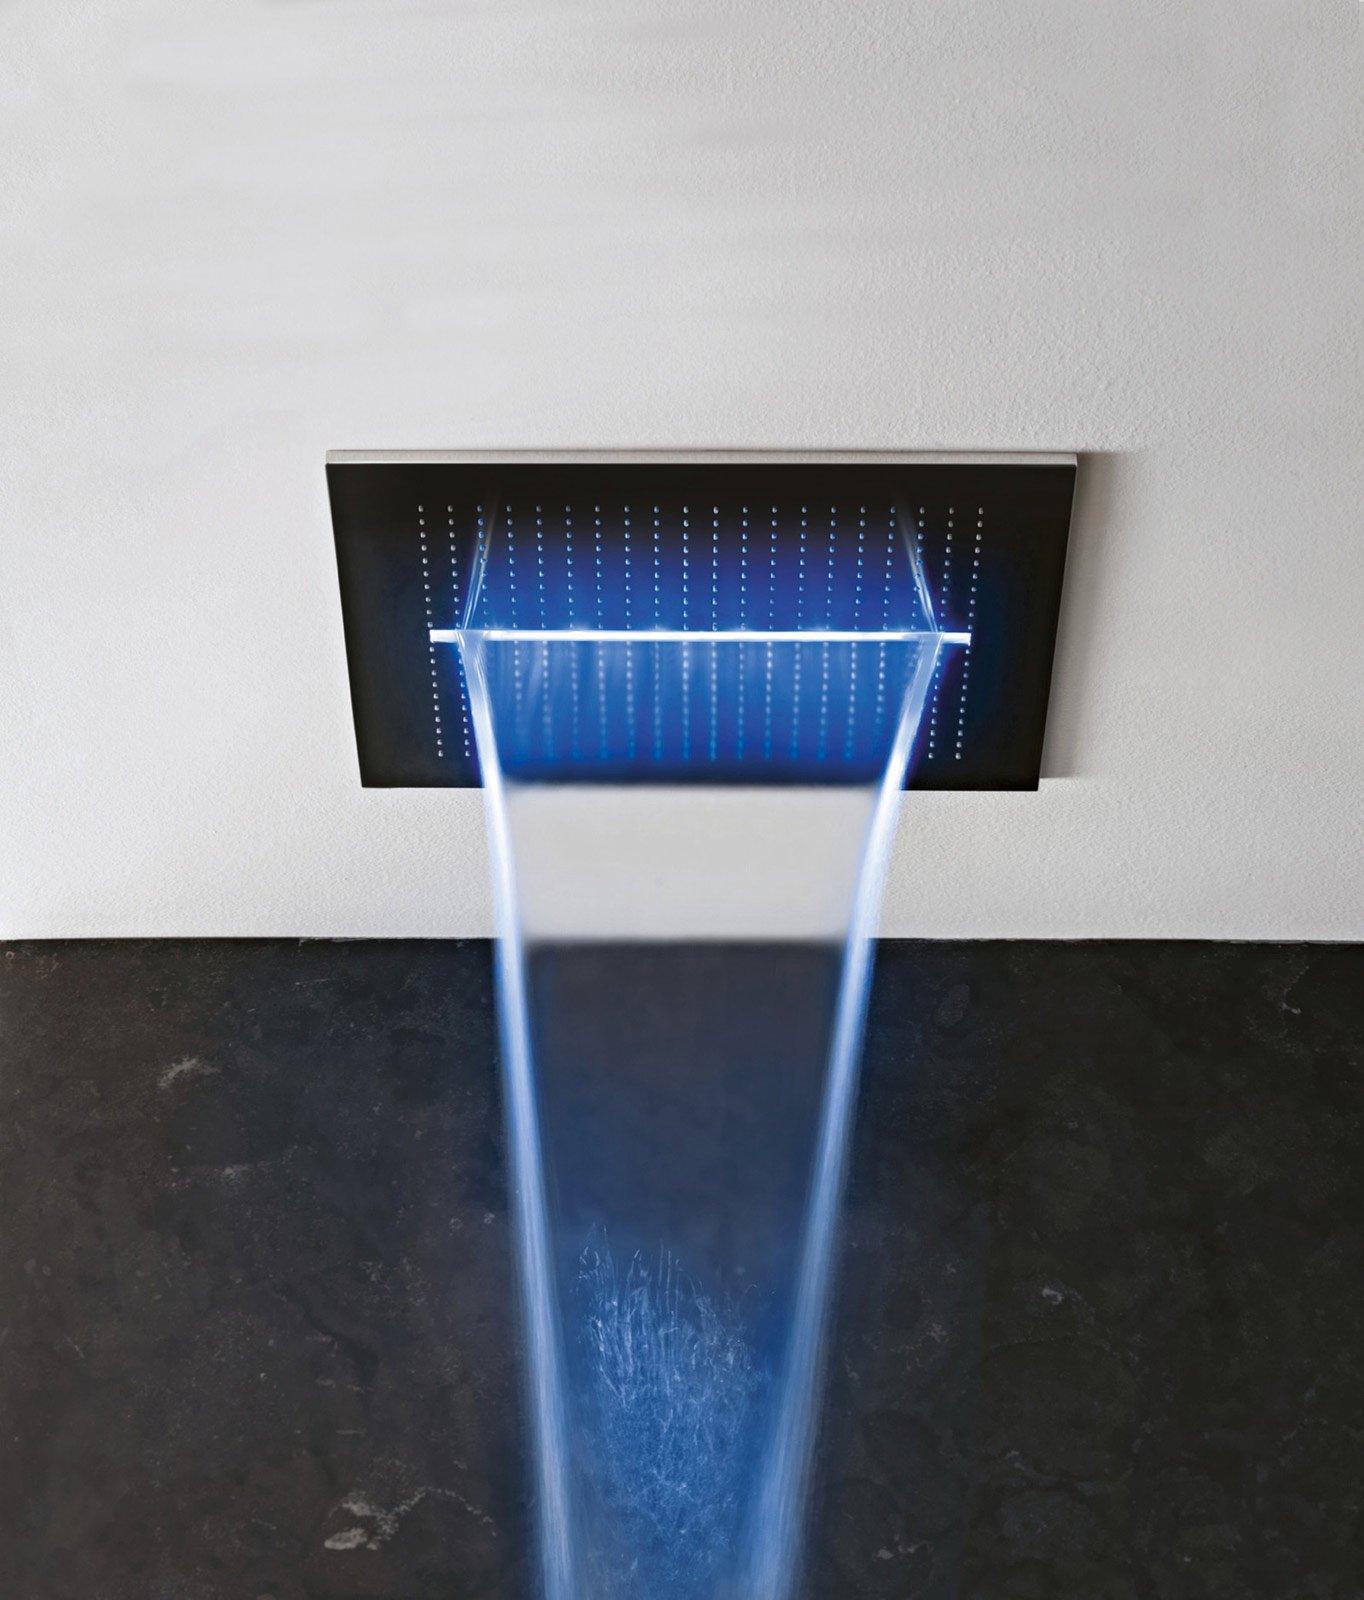 Bagno come attrezzarlo per il tuo benessere cose di casa - Centralina acqua per casa ...